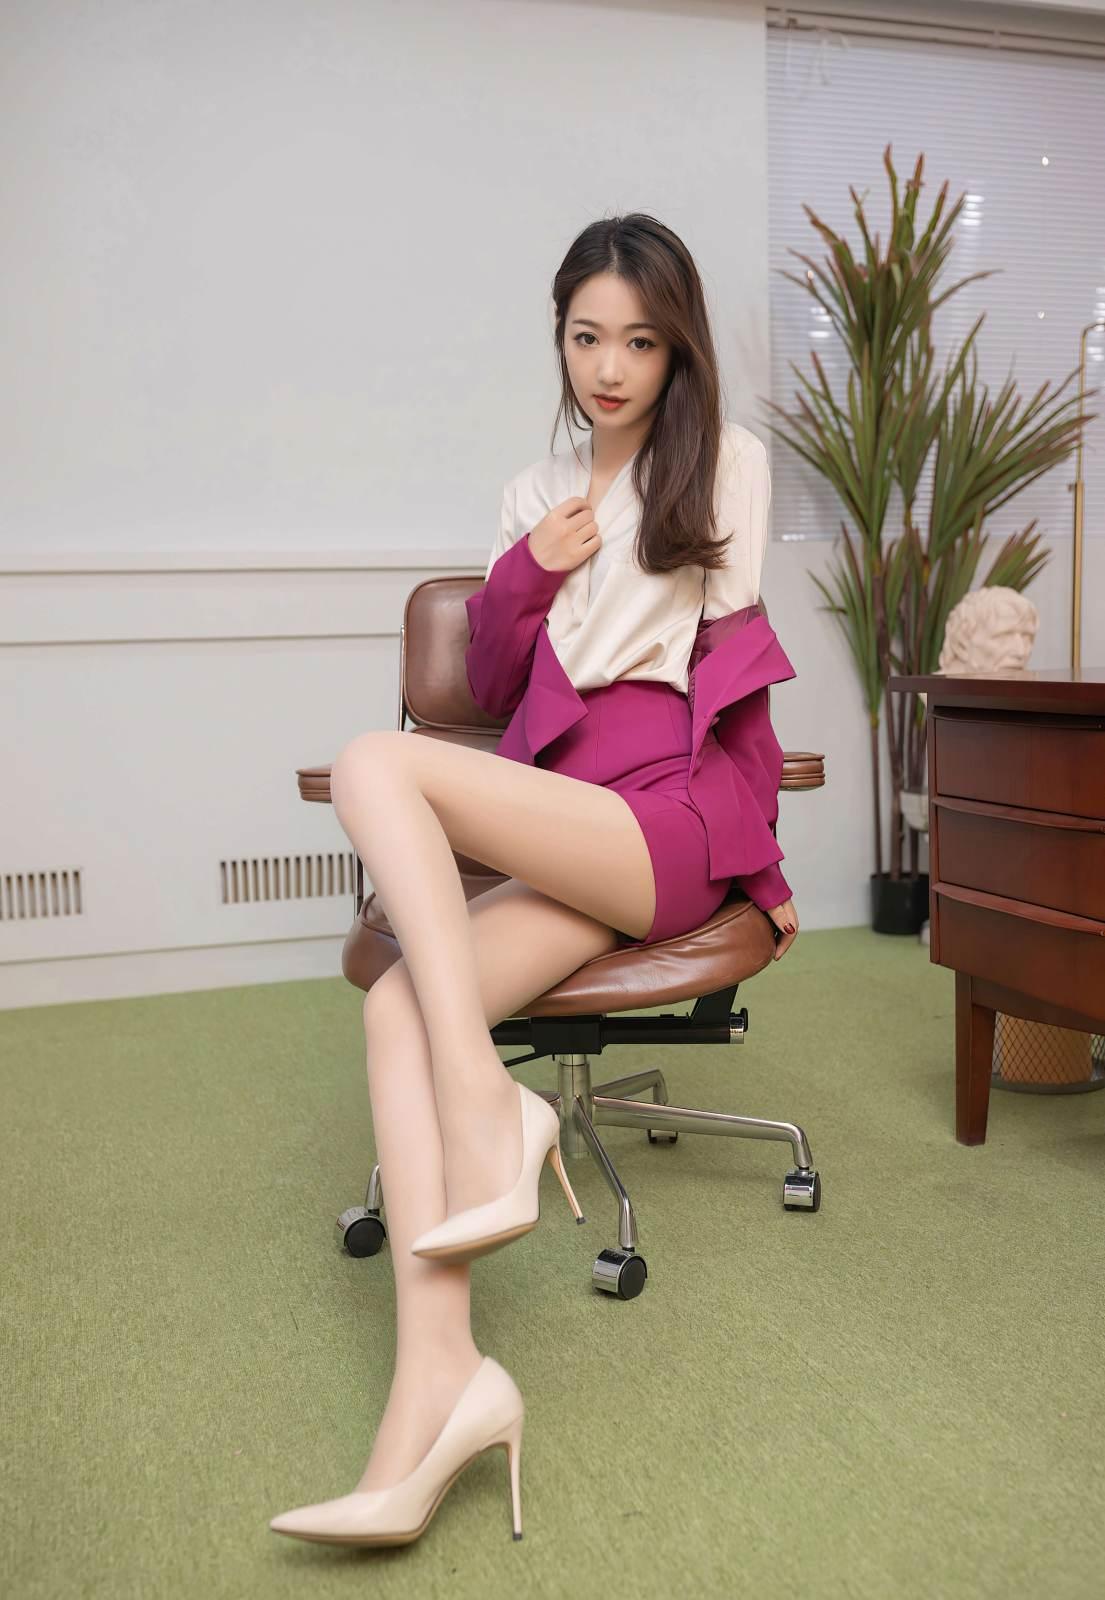 第167期实习生的秘密被发现唐安琪(高跟,制服,丝袜)_图片4